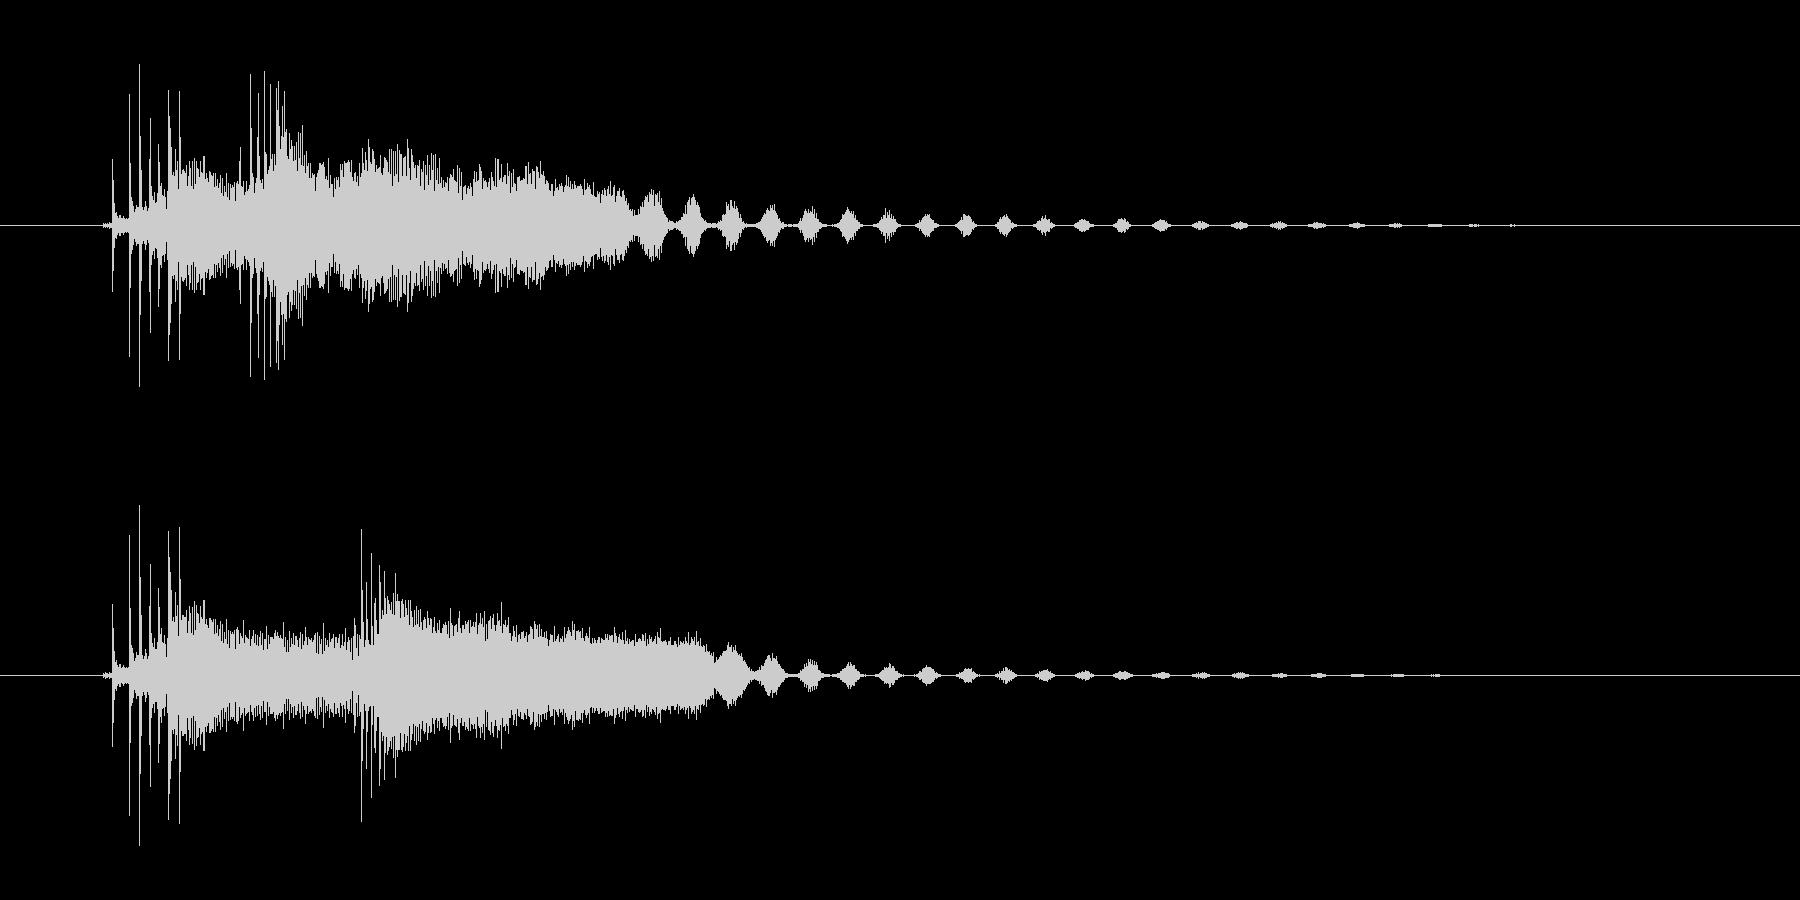 3つのコード、可愛い弦のストロークの未再生の波形